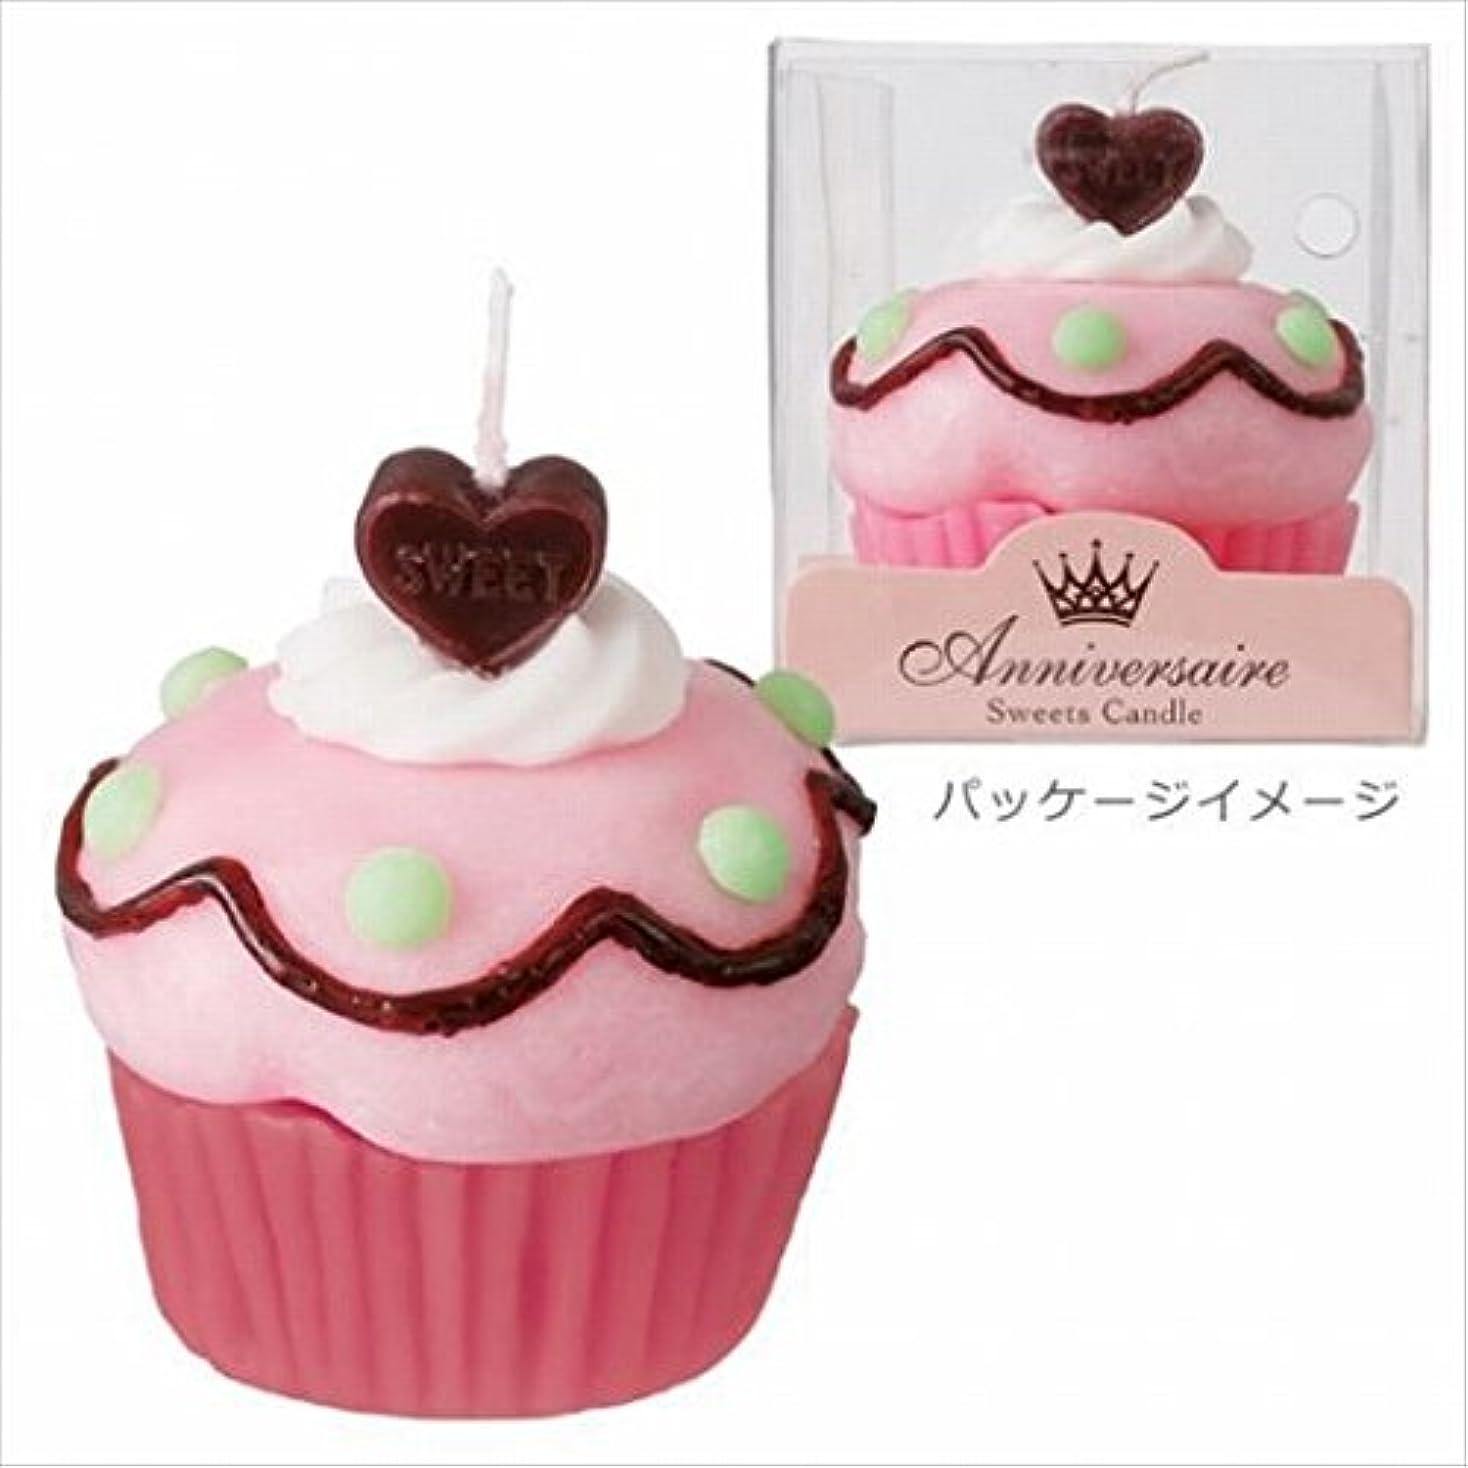 サイドボード好きである悪用カメヤマキャンドル( kameyama candle ) カップケーキキャンドル 「 チェリードット 」